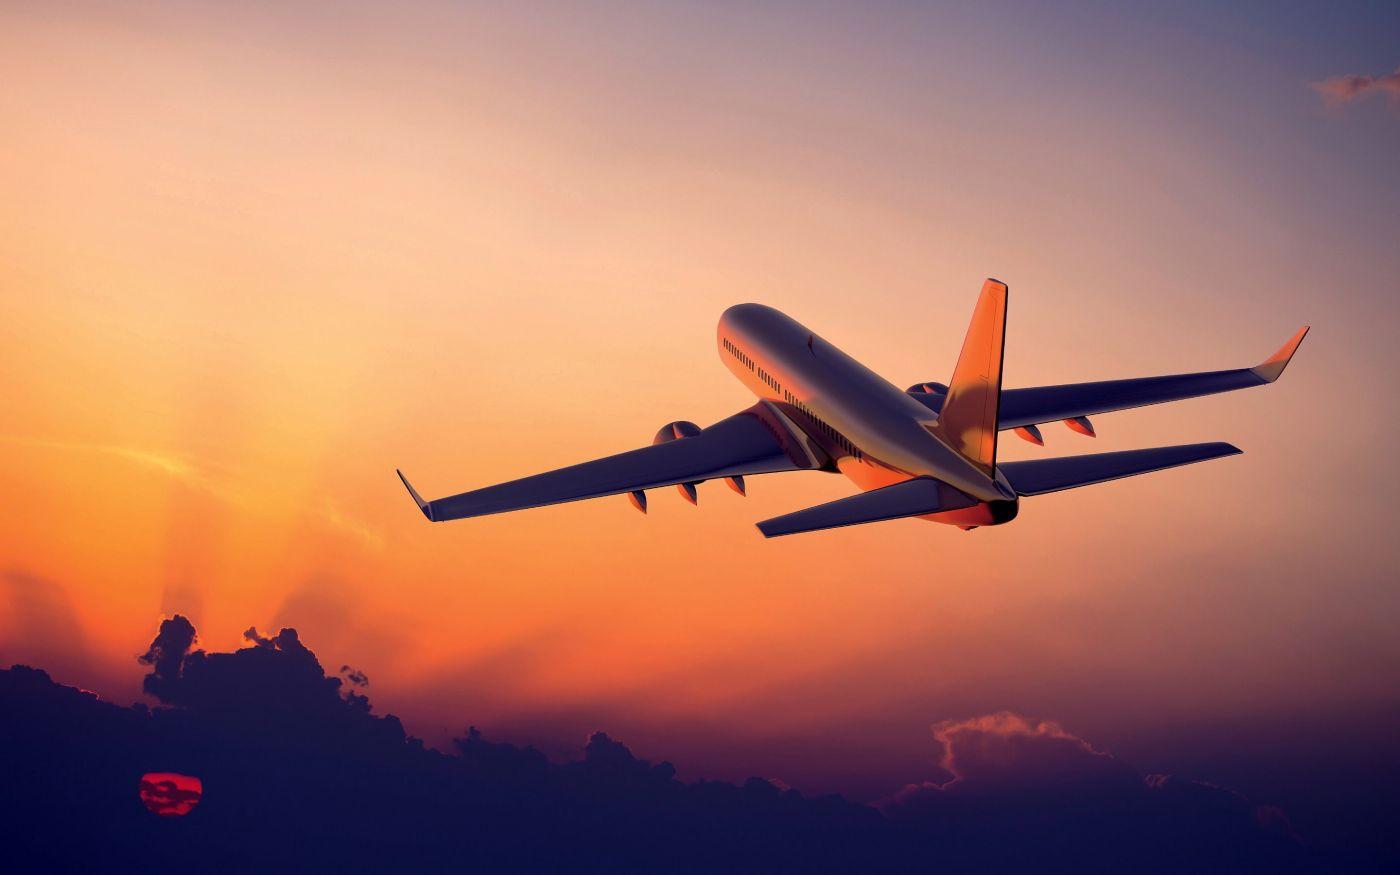 Teknik Arıza Yapan Uçak Samsun'a İndi